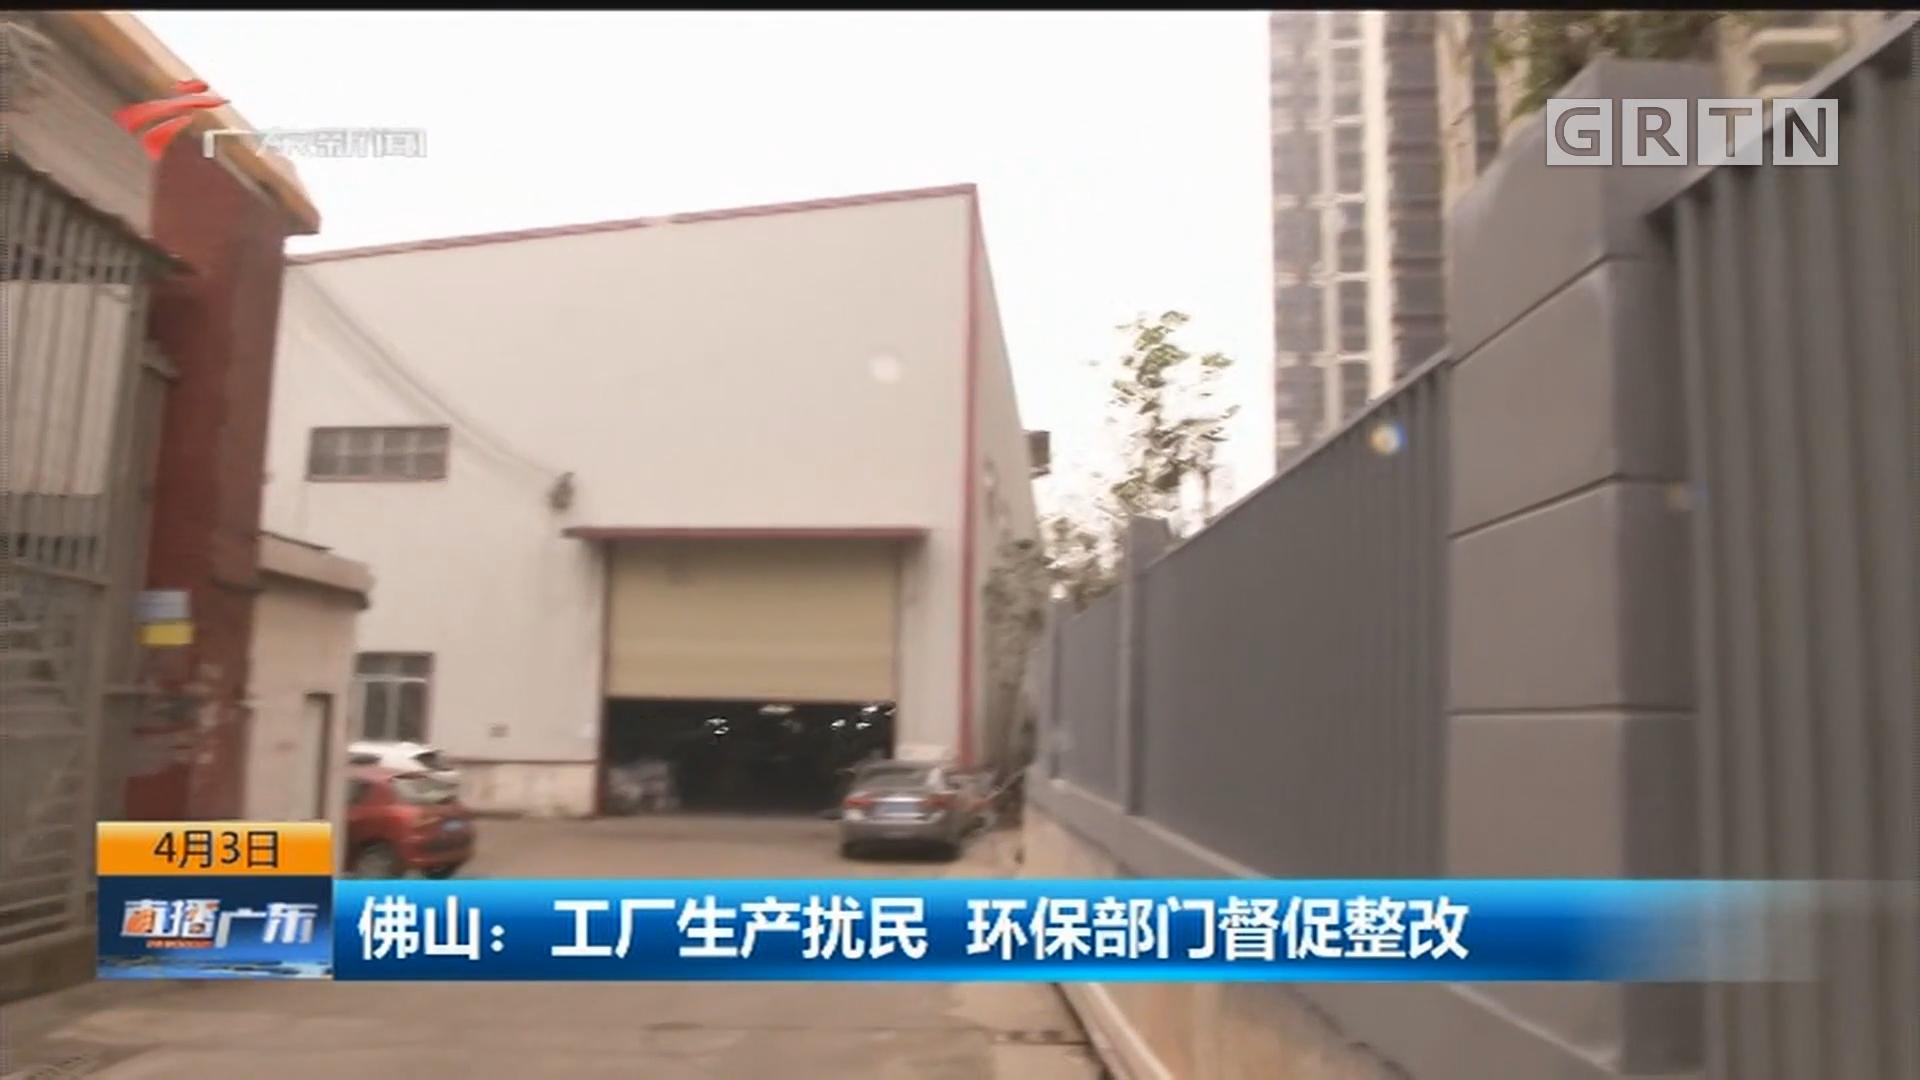 佛山:工厂生产扰民 环保部门督促整改